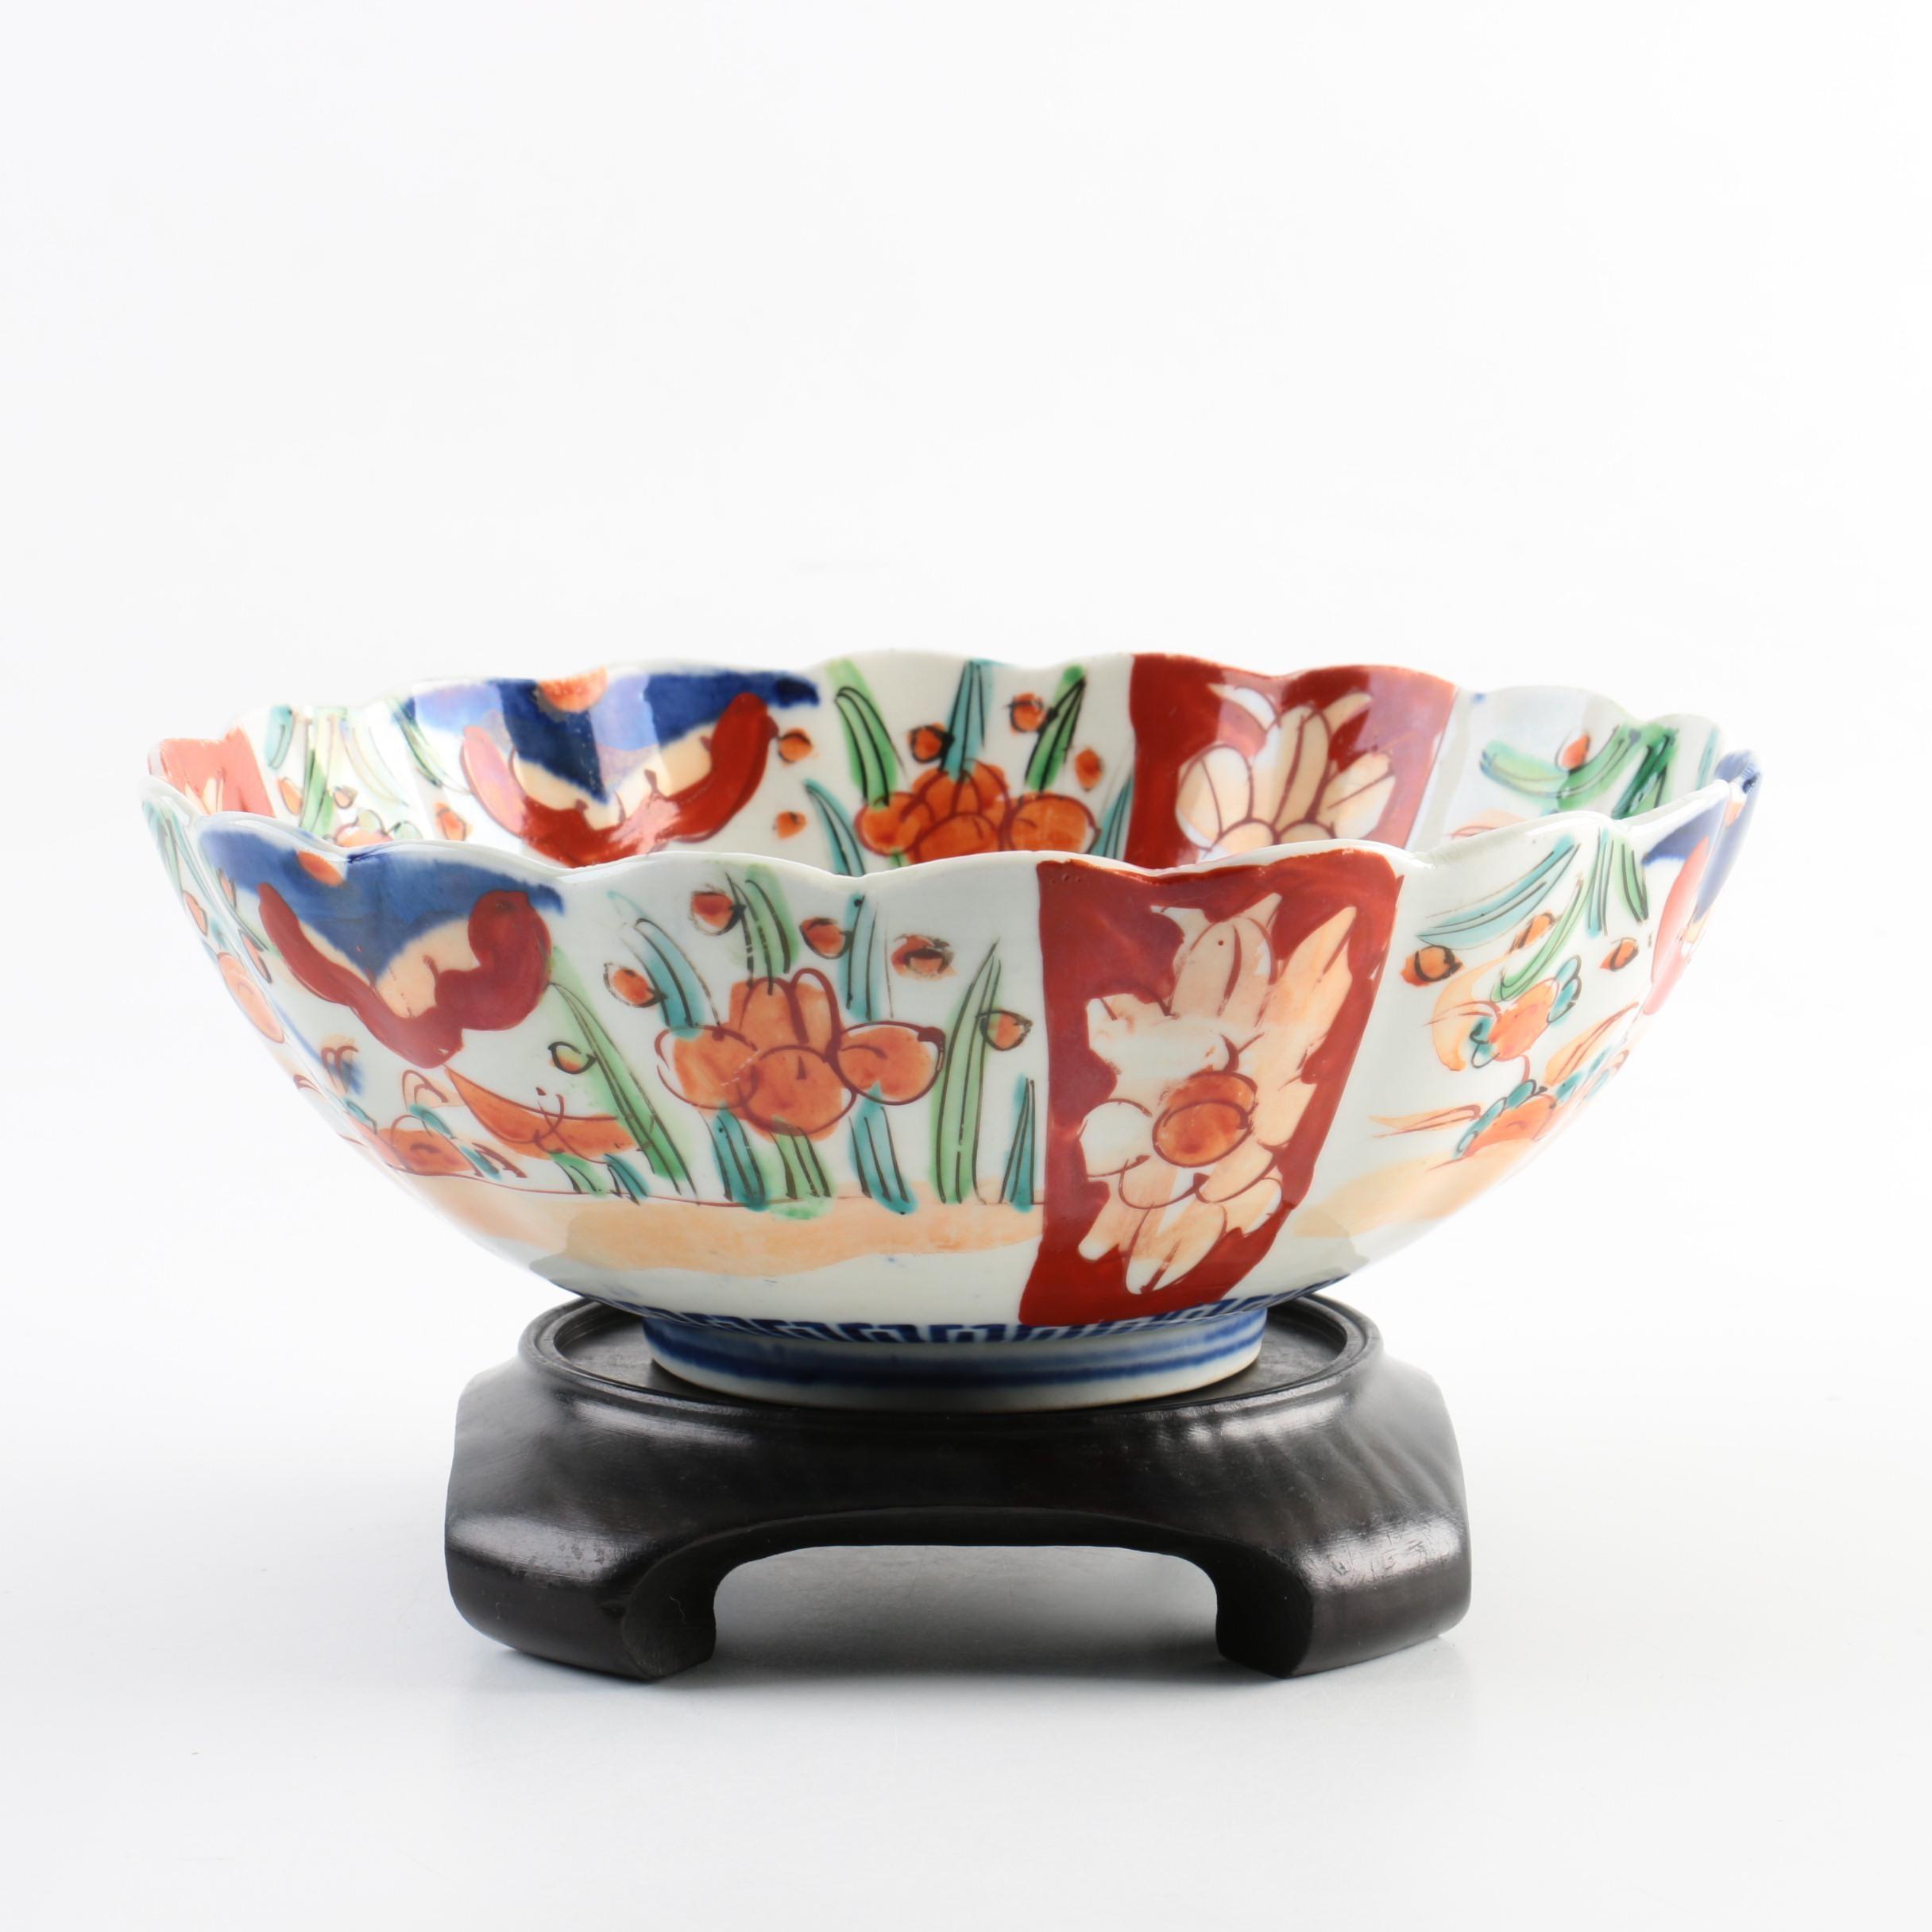 Chinese Porcelain Imari Style Bowl